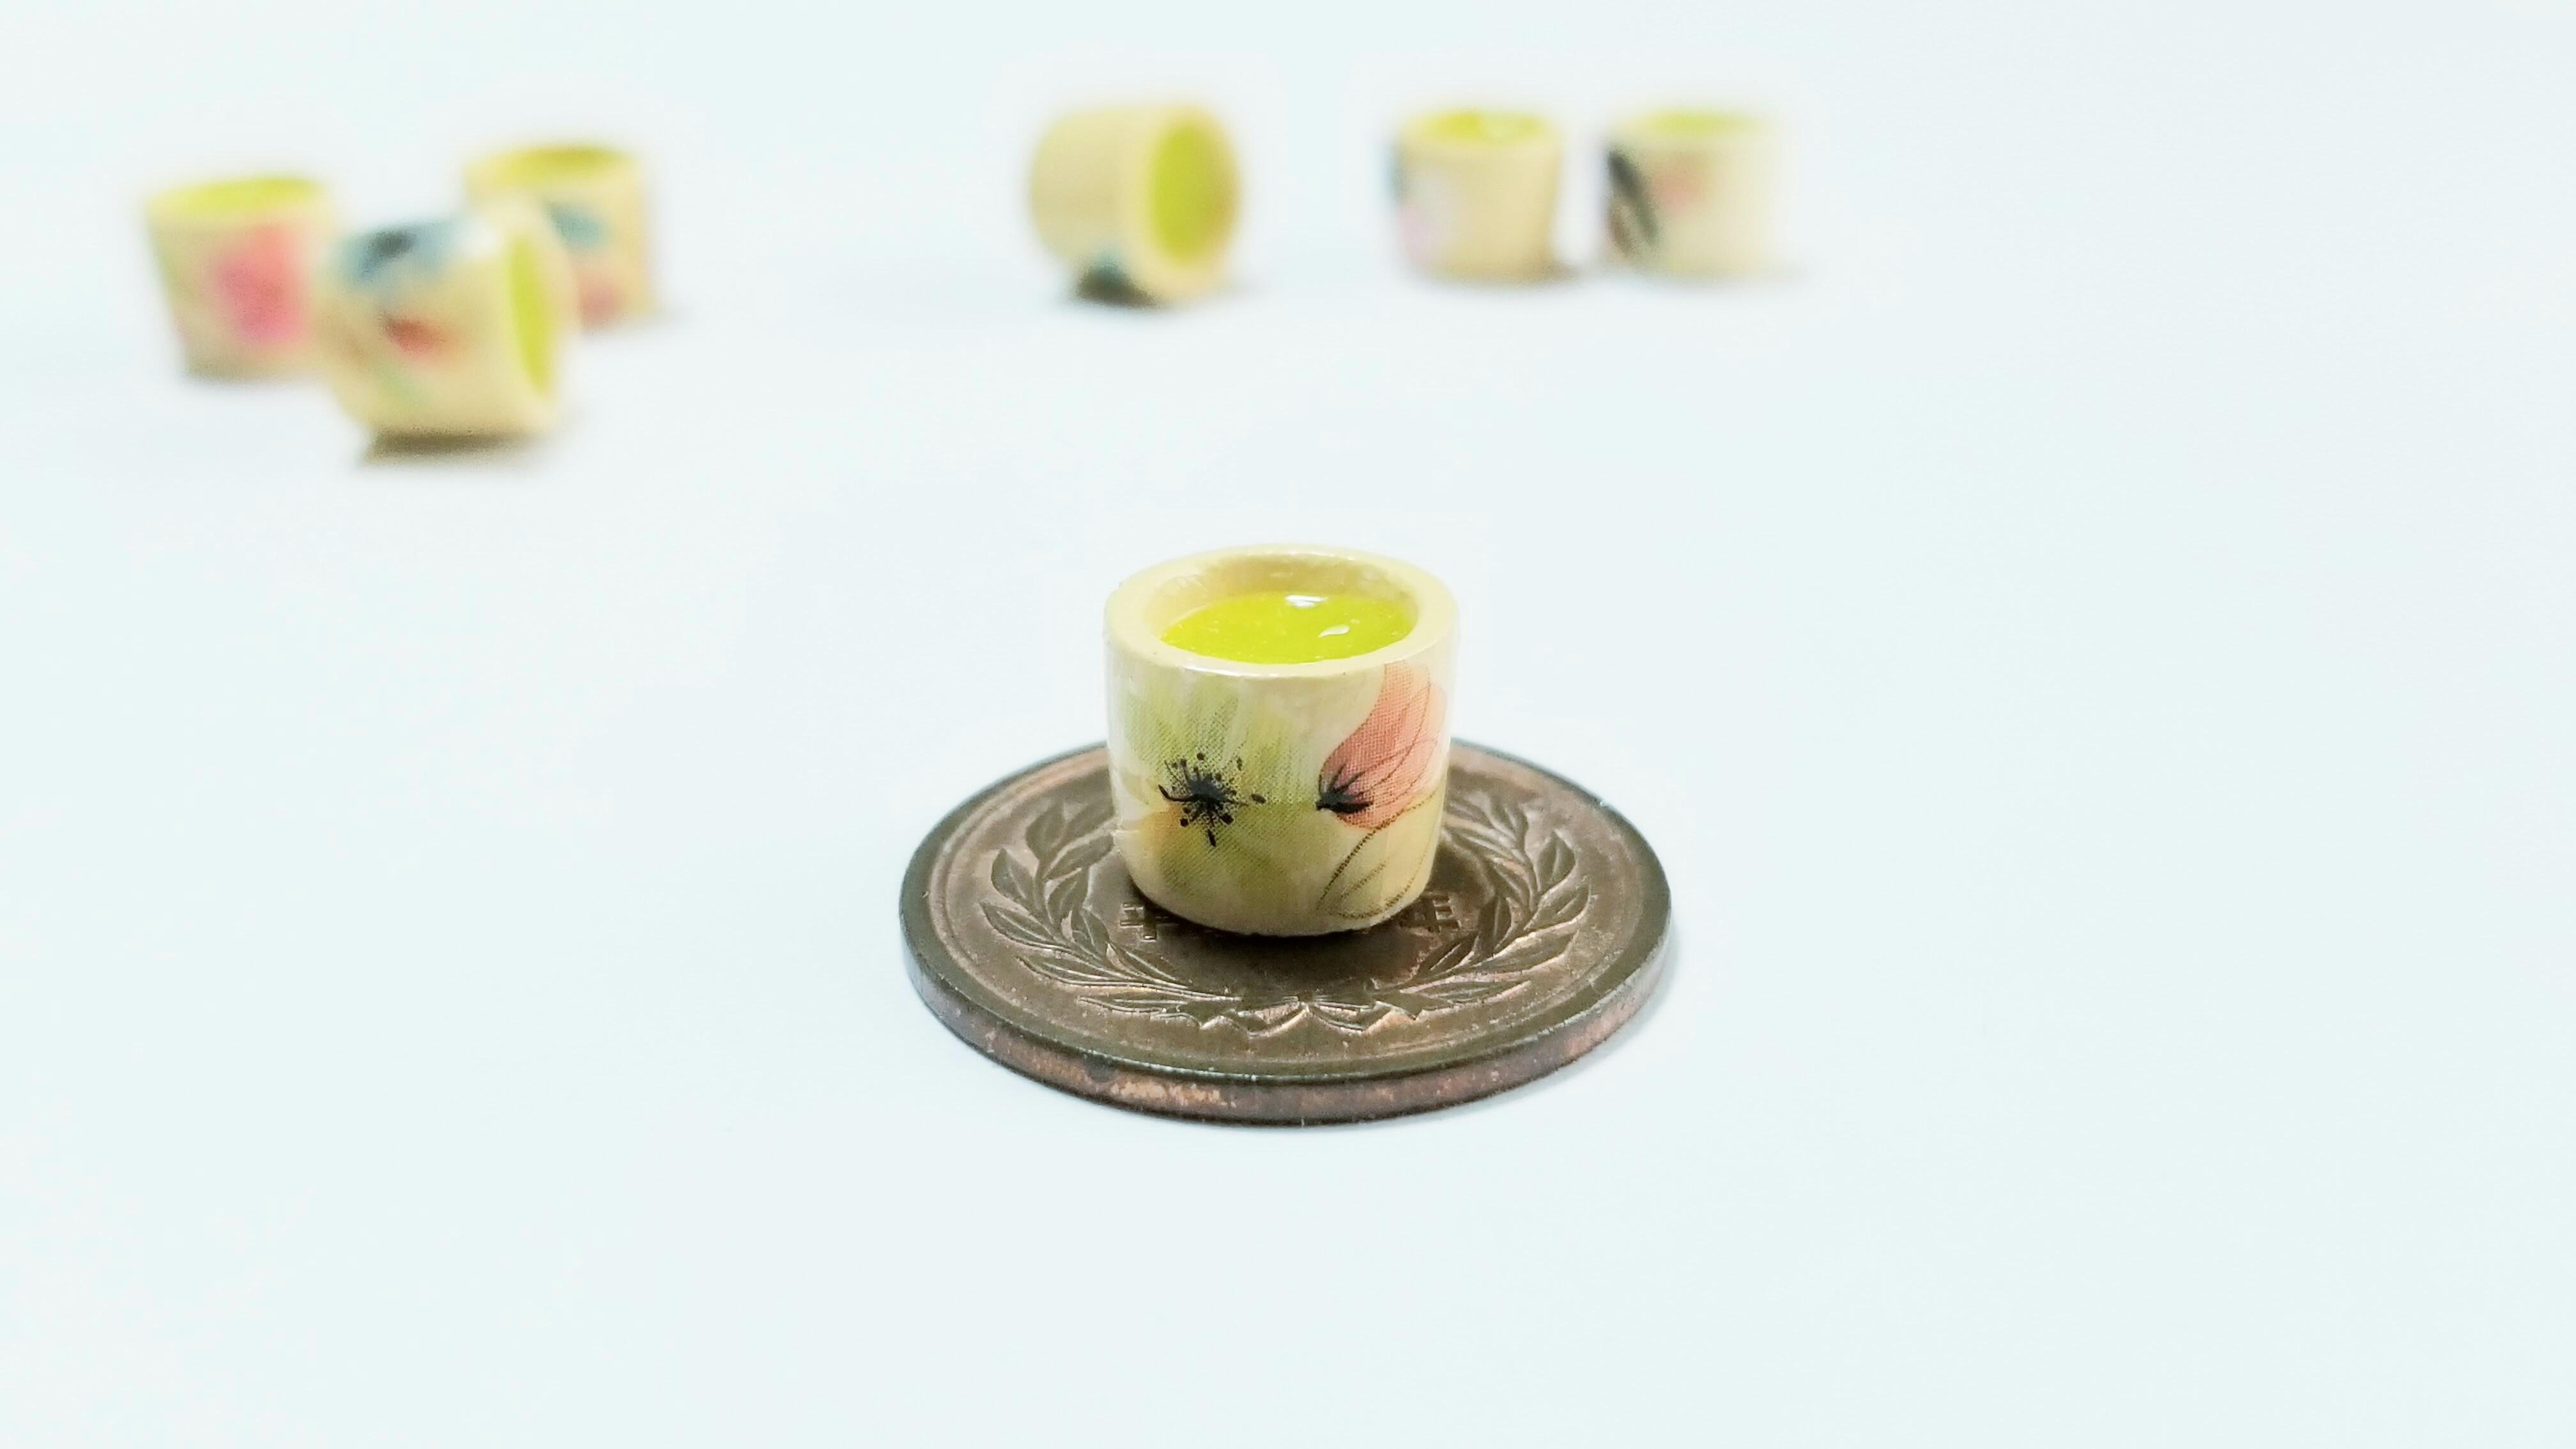 お抹茶旬種類色茶碗葉店和菓子人気レシピ苦い濃厚メニューお取り寄せ